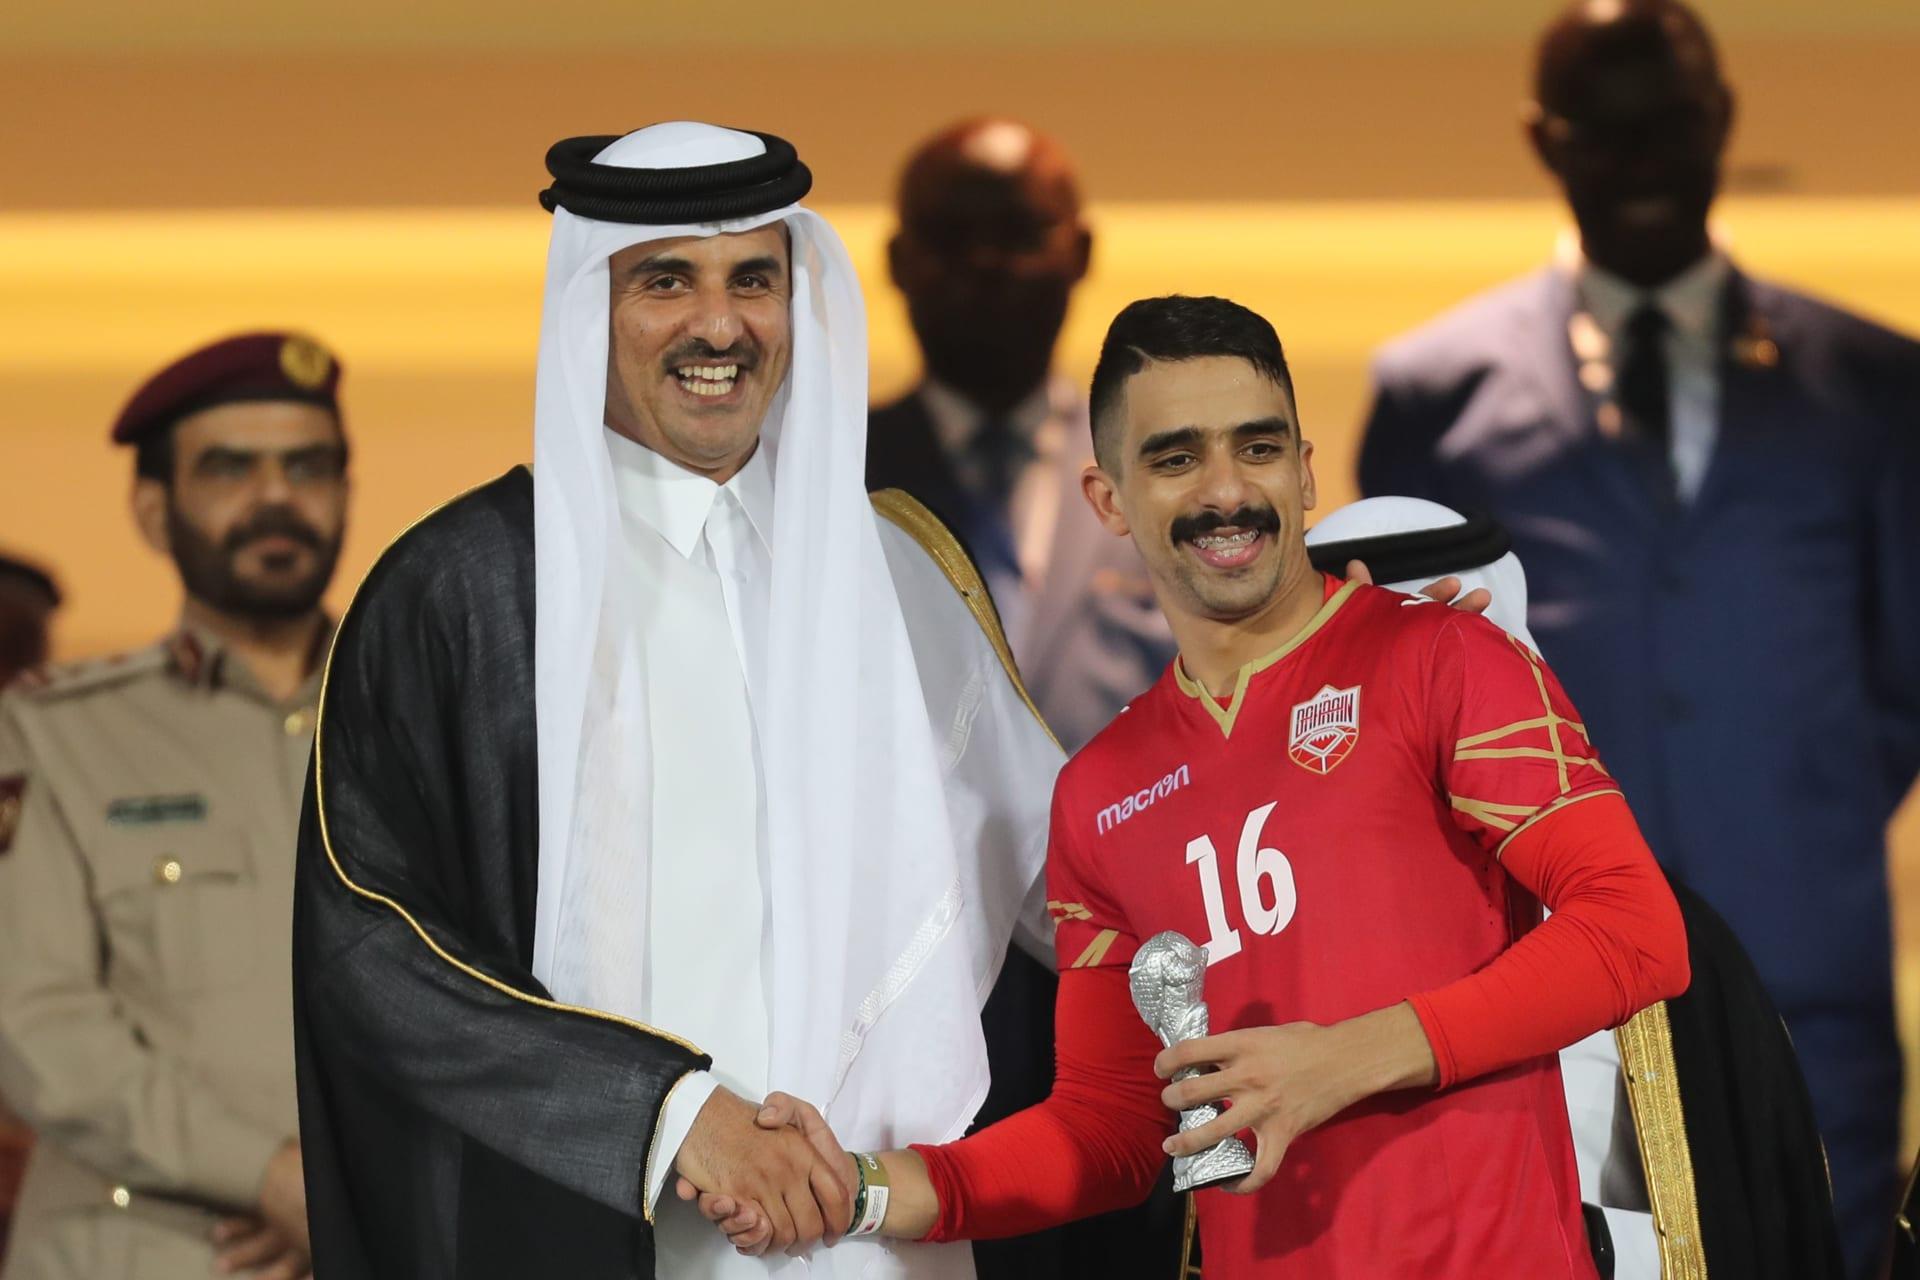 صورة لأمير قطر مع لاعب البحرين